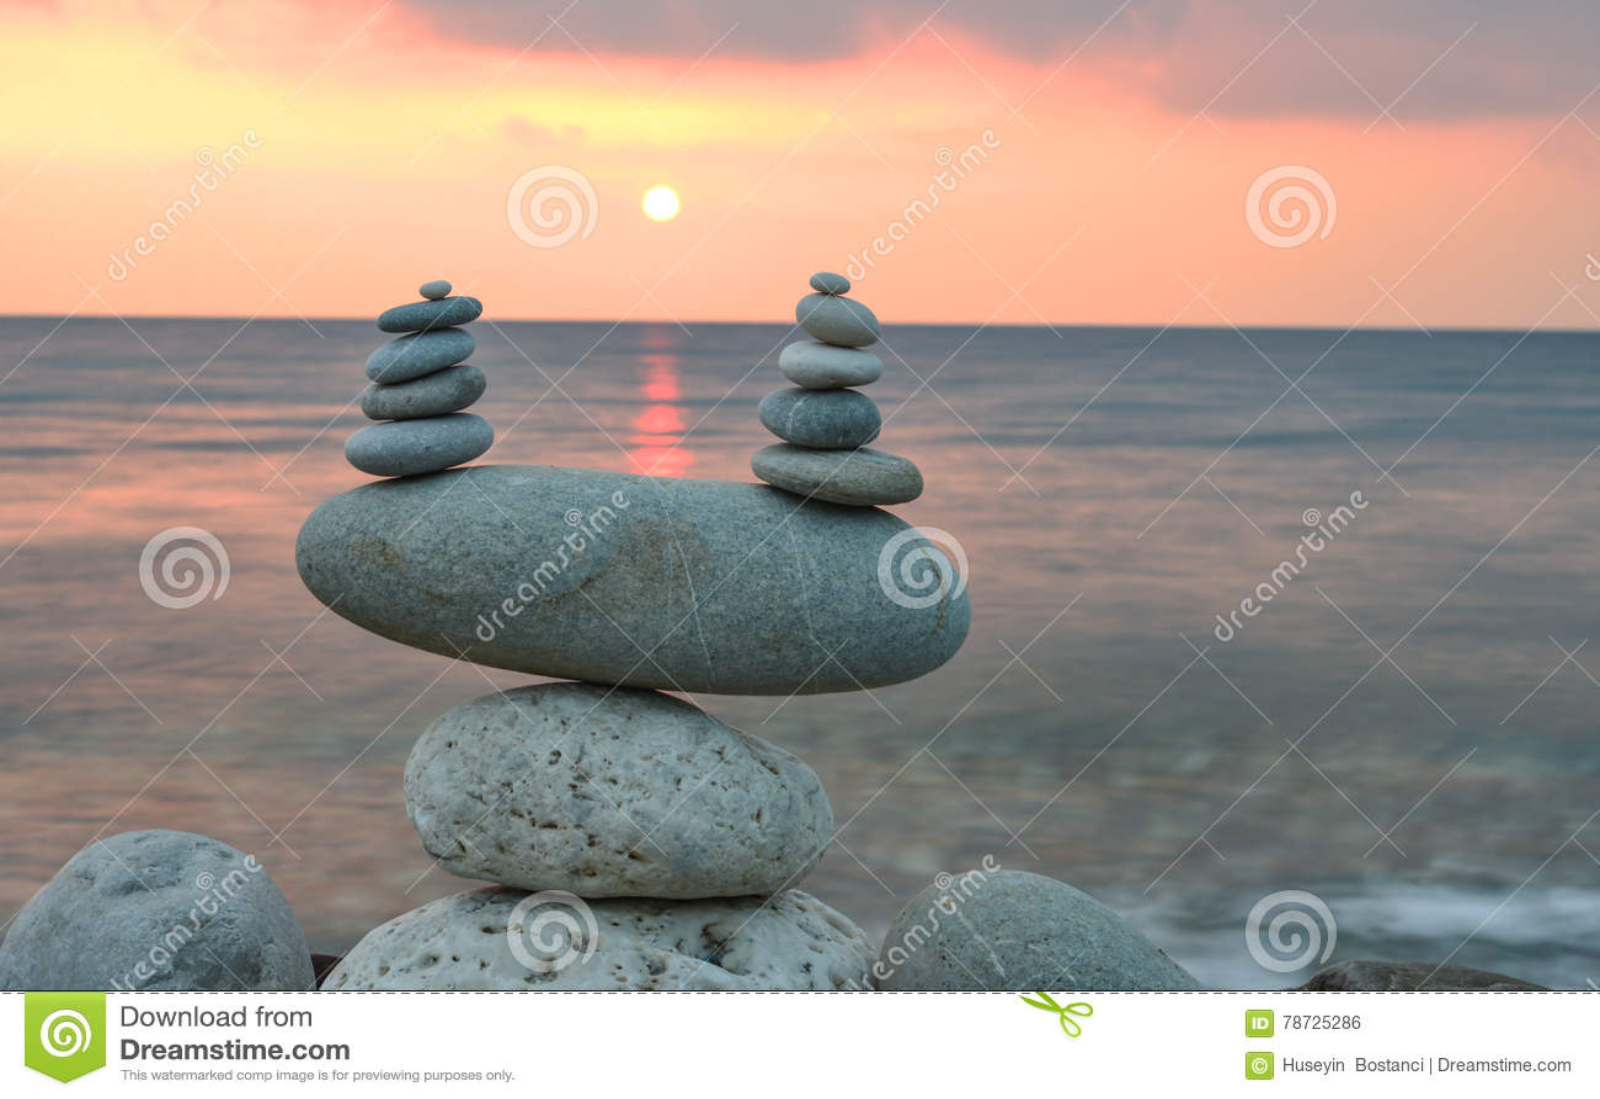 Zenstenar på stranden på soluppgång